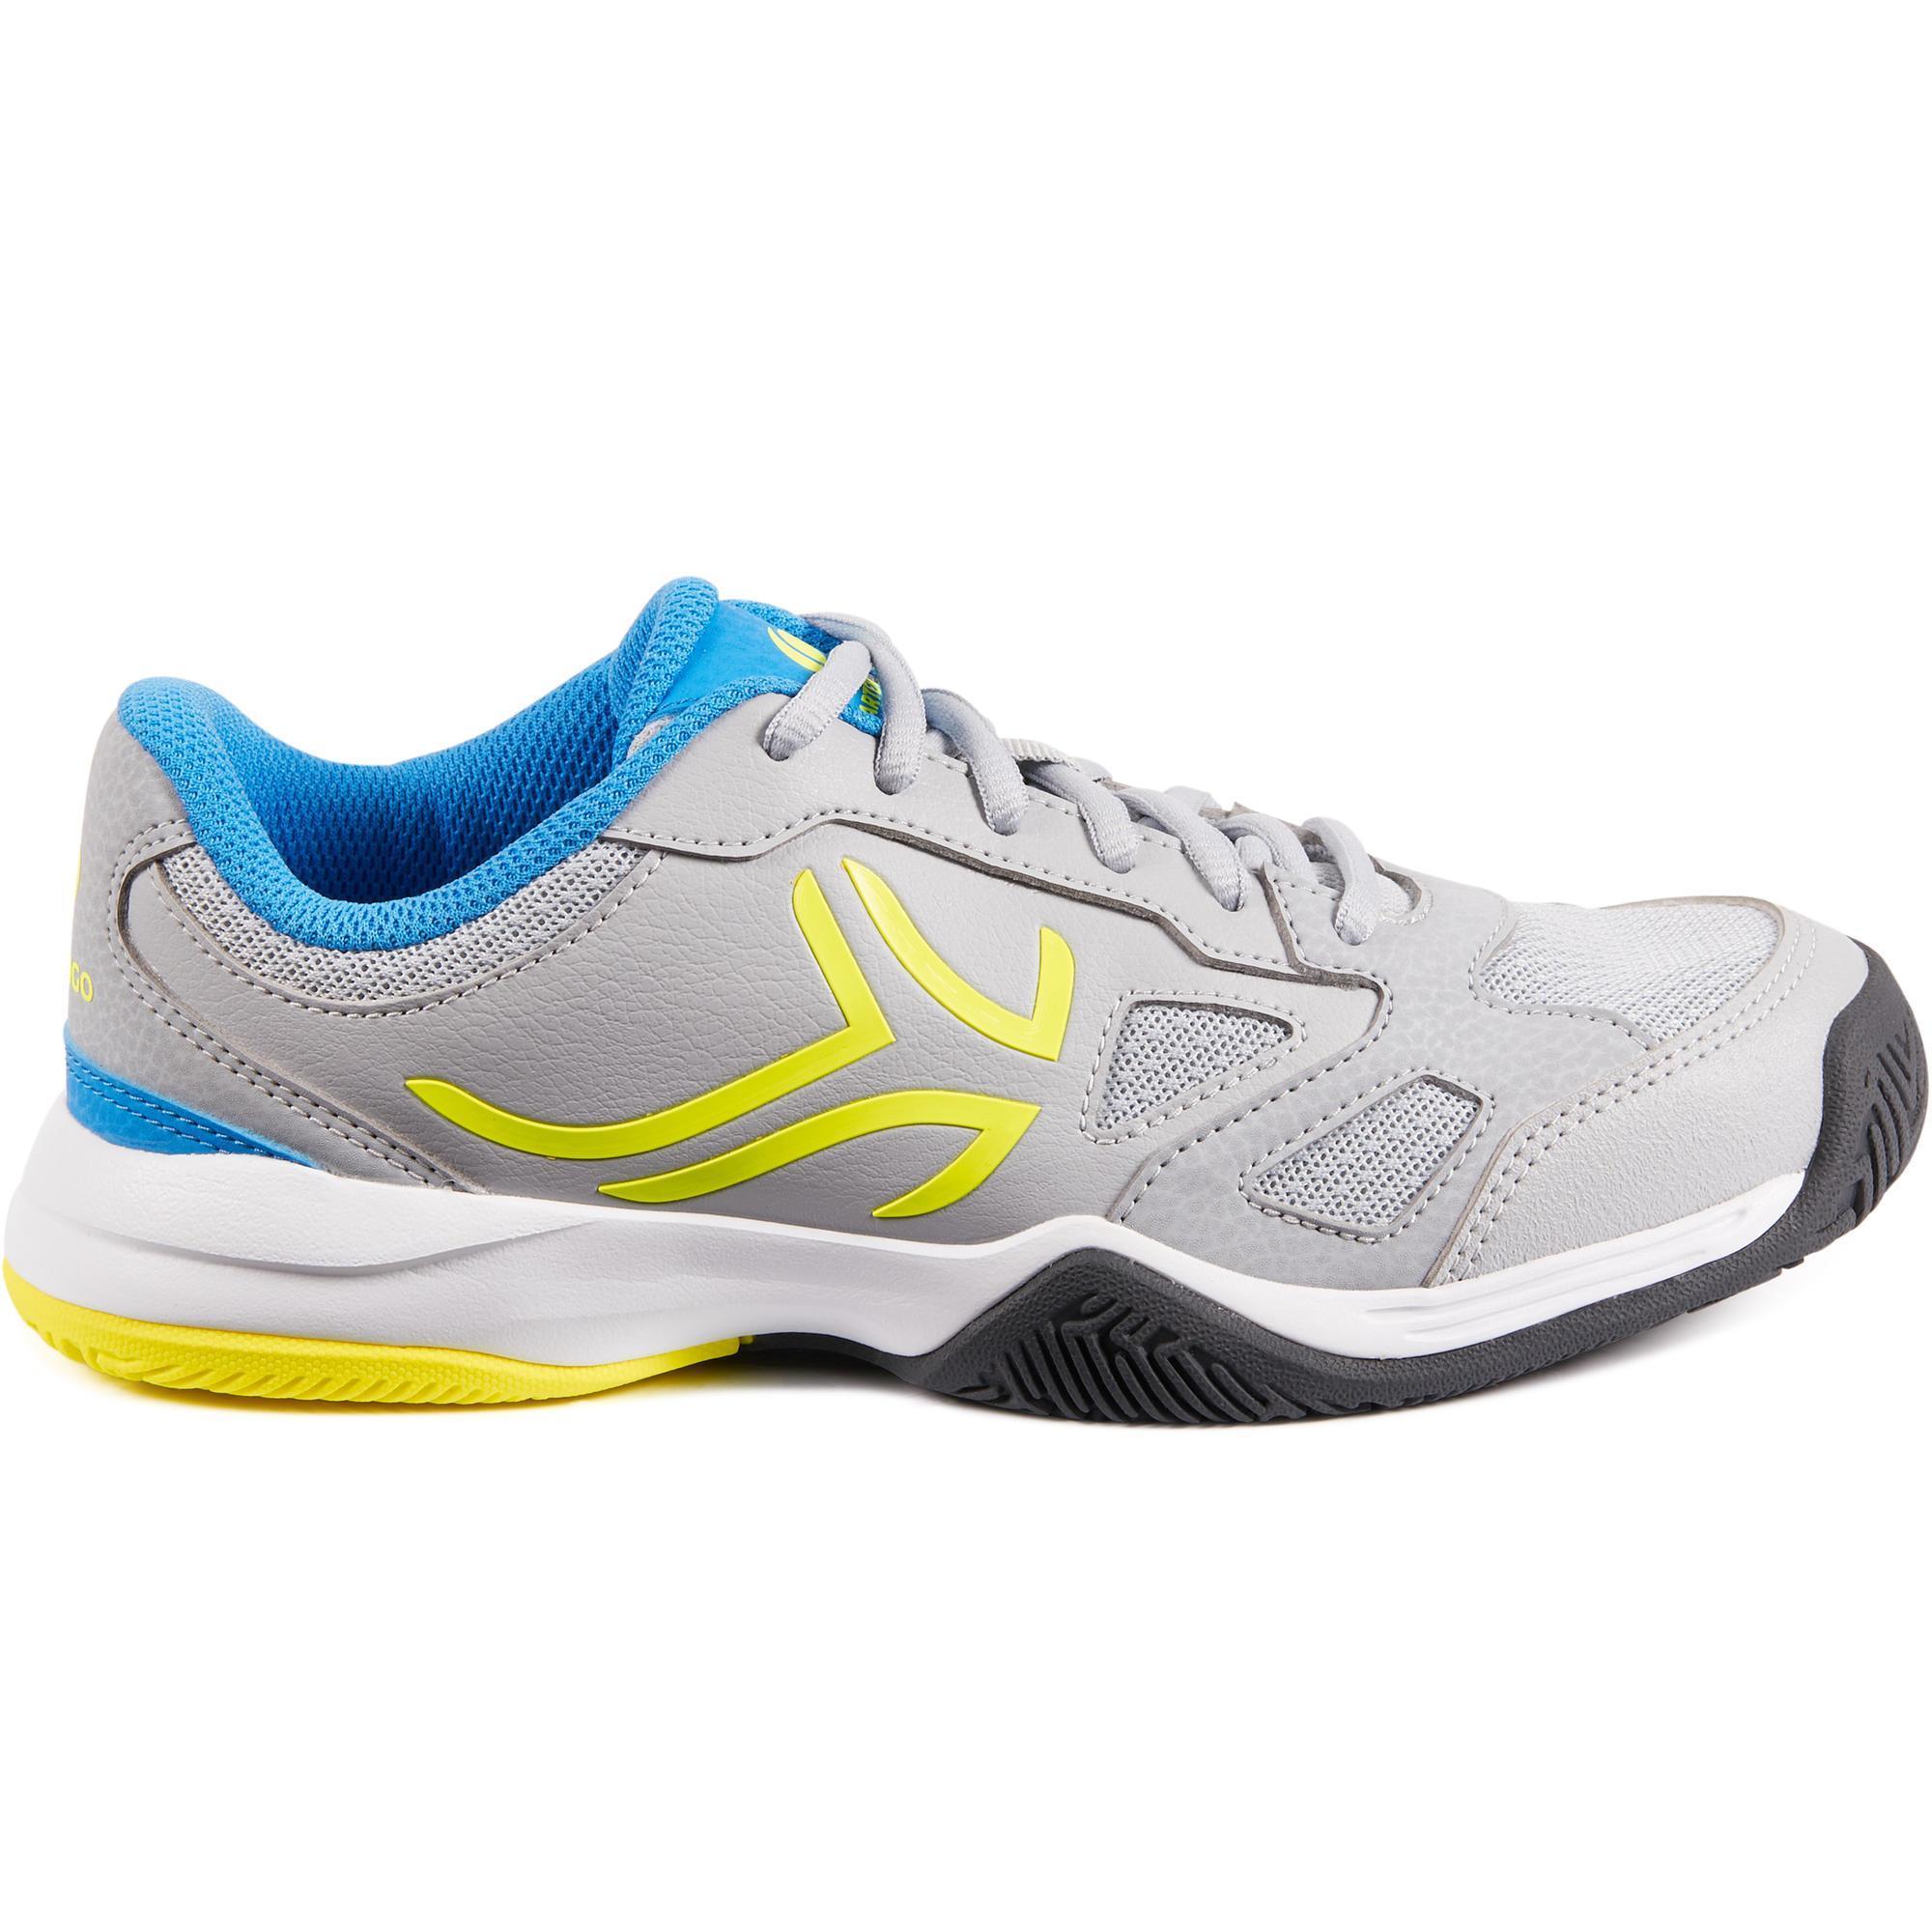 Artengo Tennisschoenen voor jongeren Artengo TS560 grijs/geel